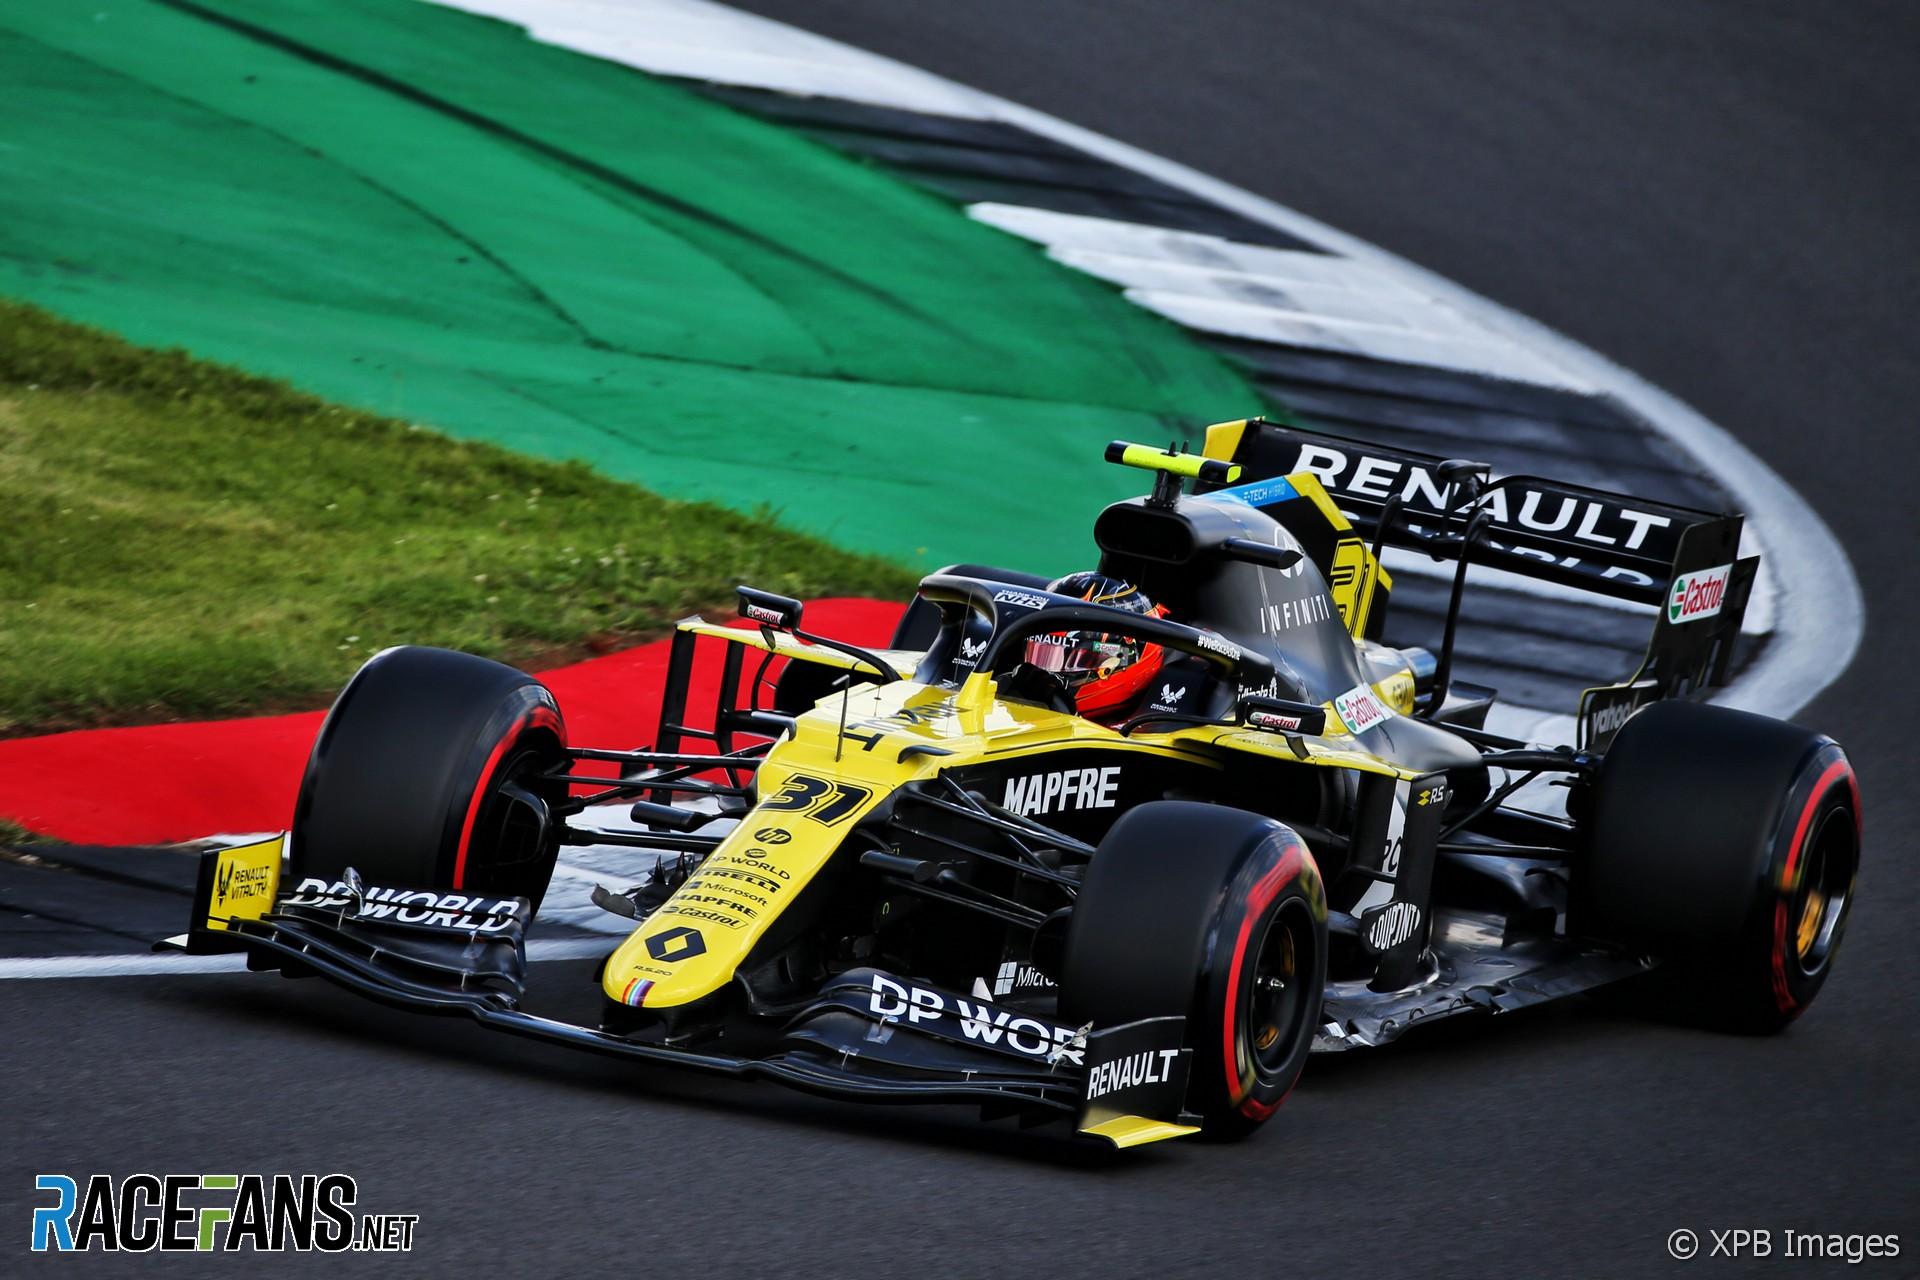 Ocon Did Not Impede Raikkonen In Qualifying Stewards Rule Racefans